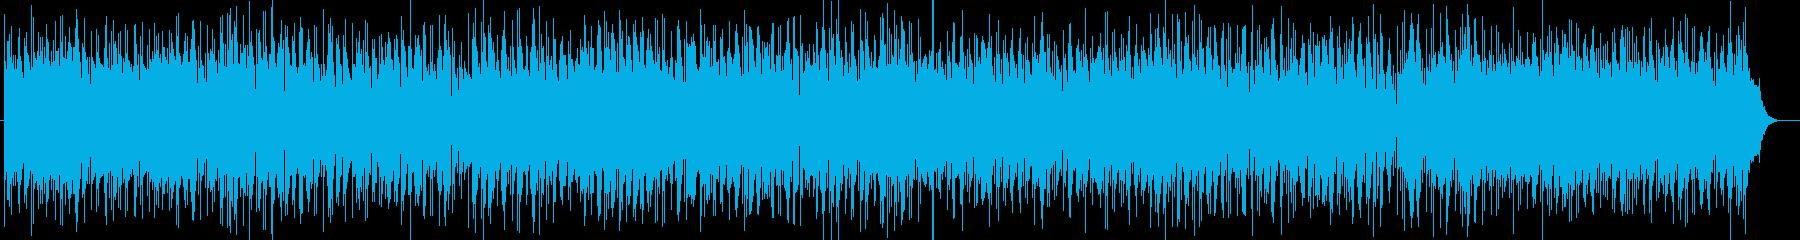 ピアノ音の愛らしく軽快なポップスの再生済みの波形